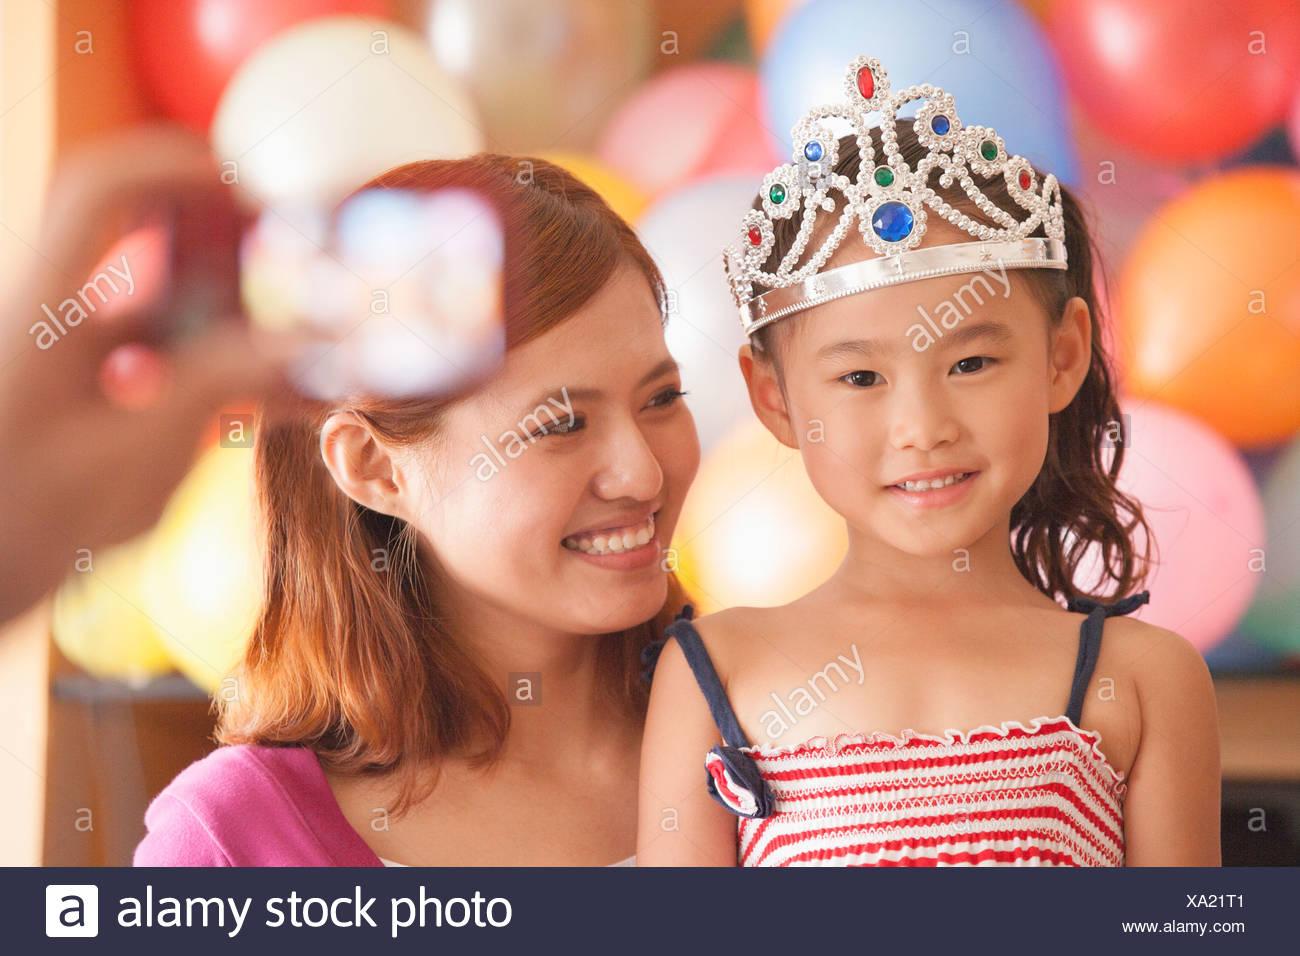 Madre E Hija Tener Su Fotografia Tomada En El Cumpleanos De Su Hija